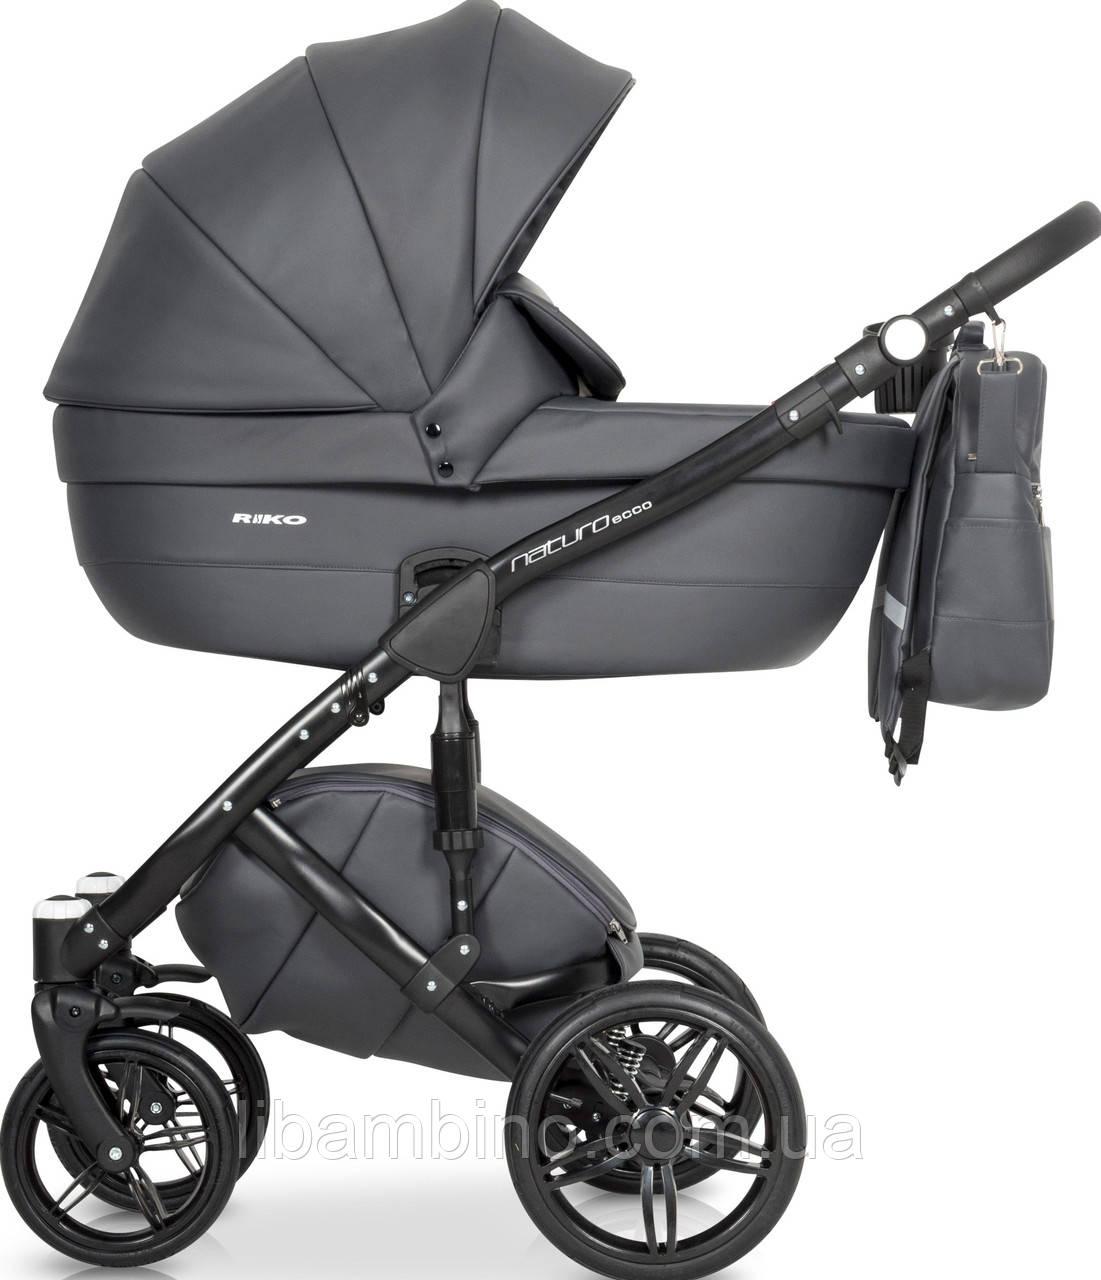 Дитяча універсальна коляска 2 в 1 Riko Naturo Ecco 04 Antracite